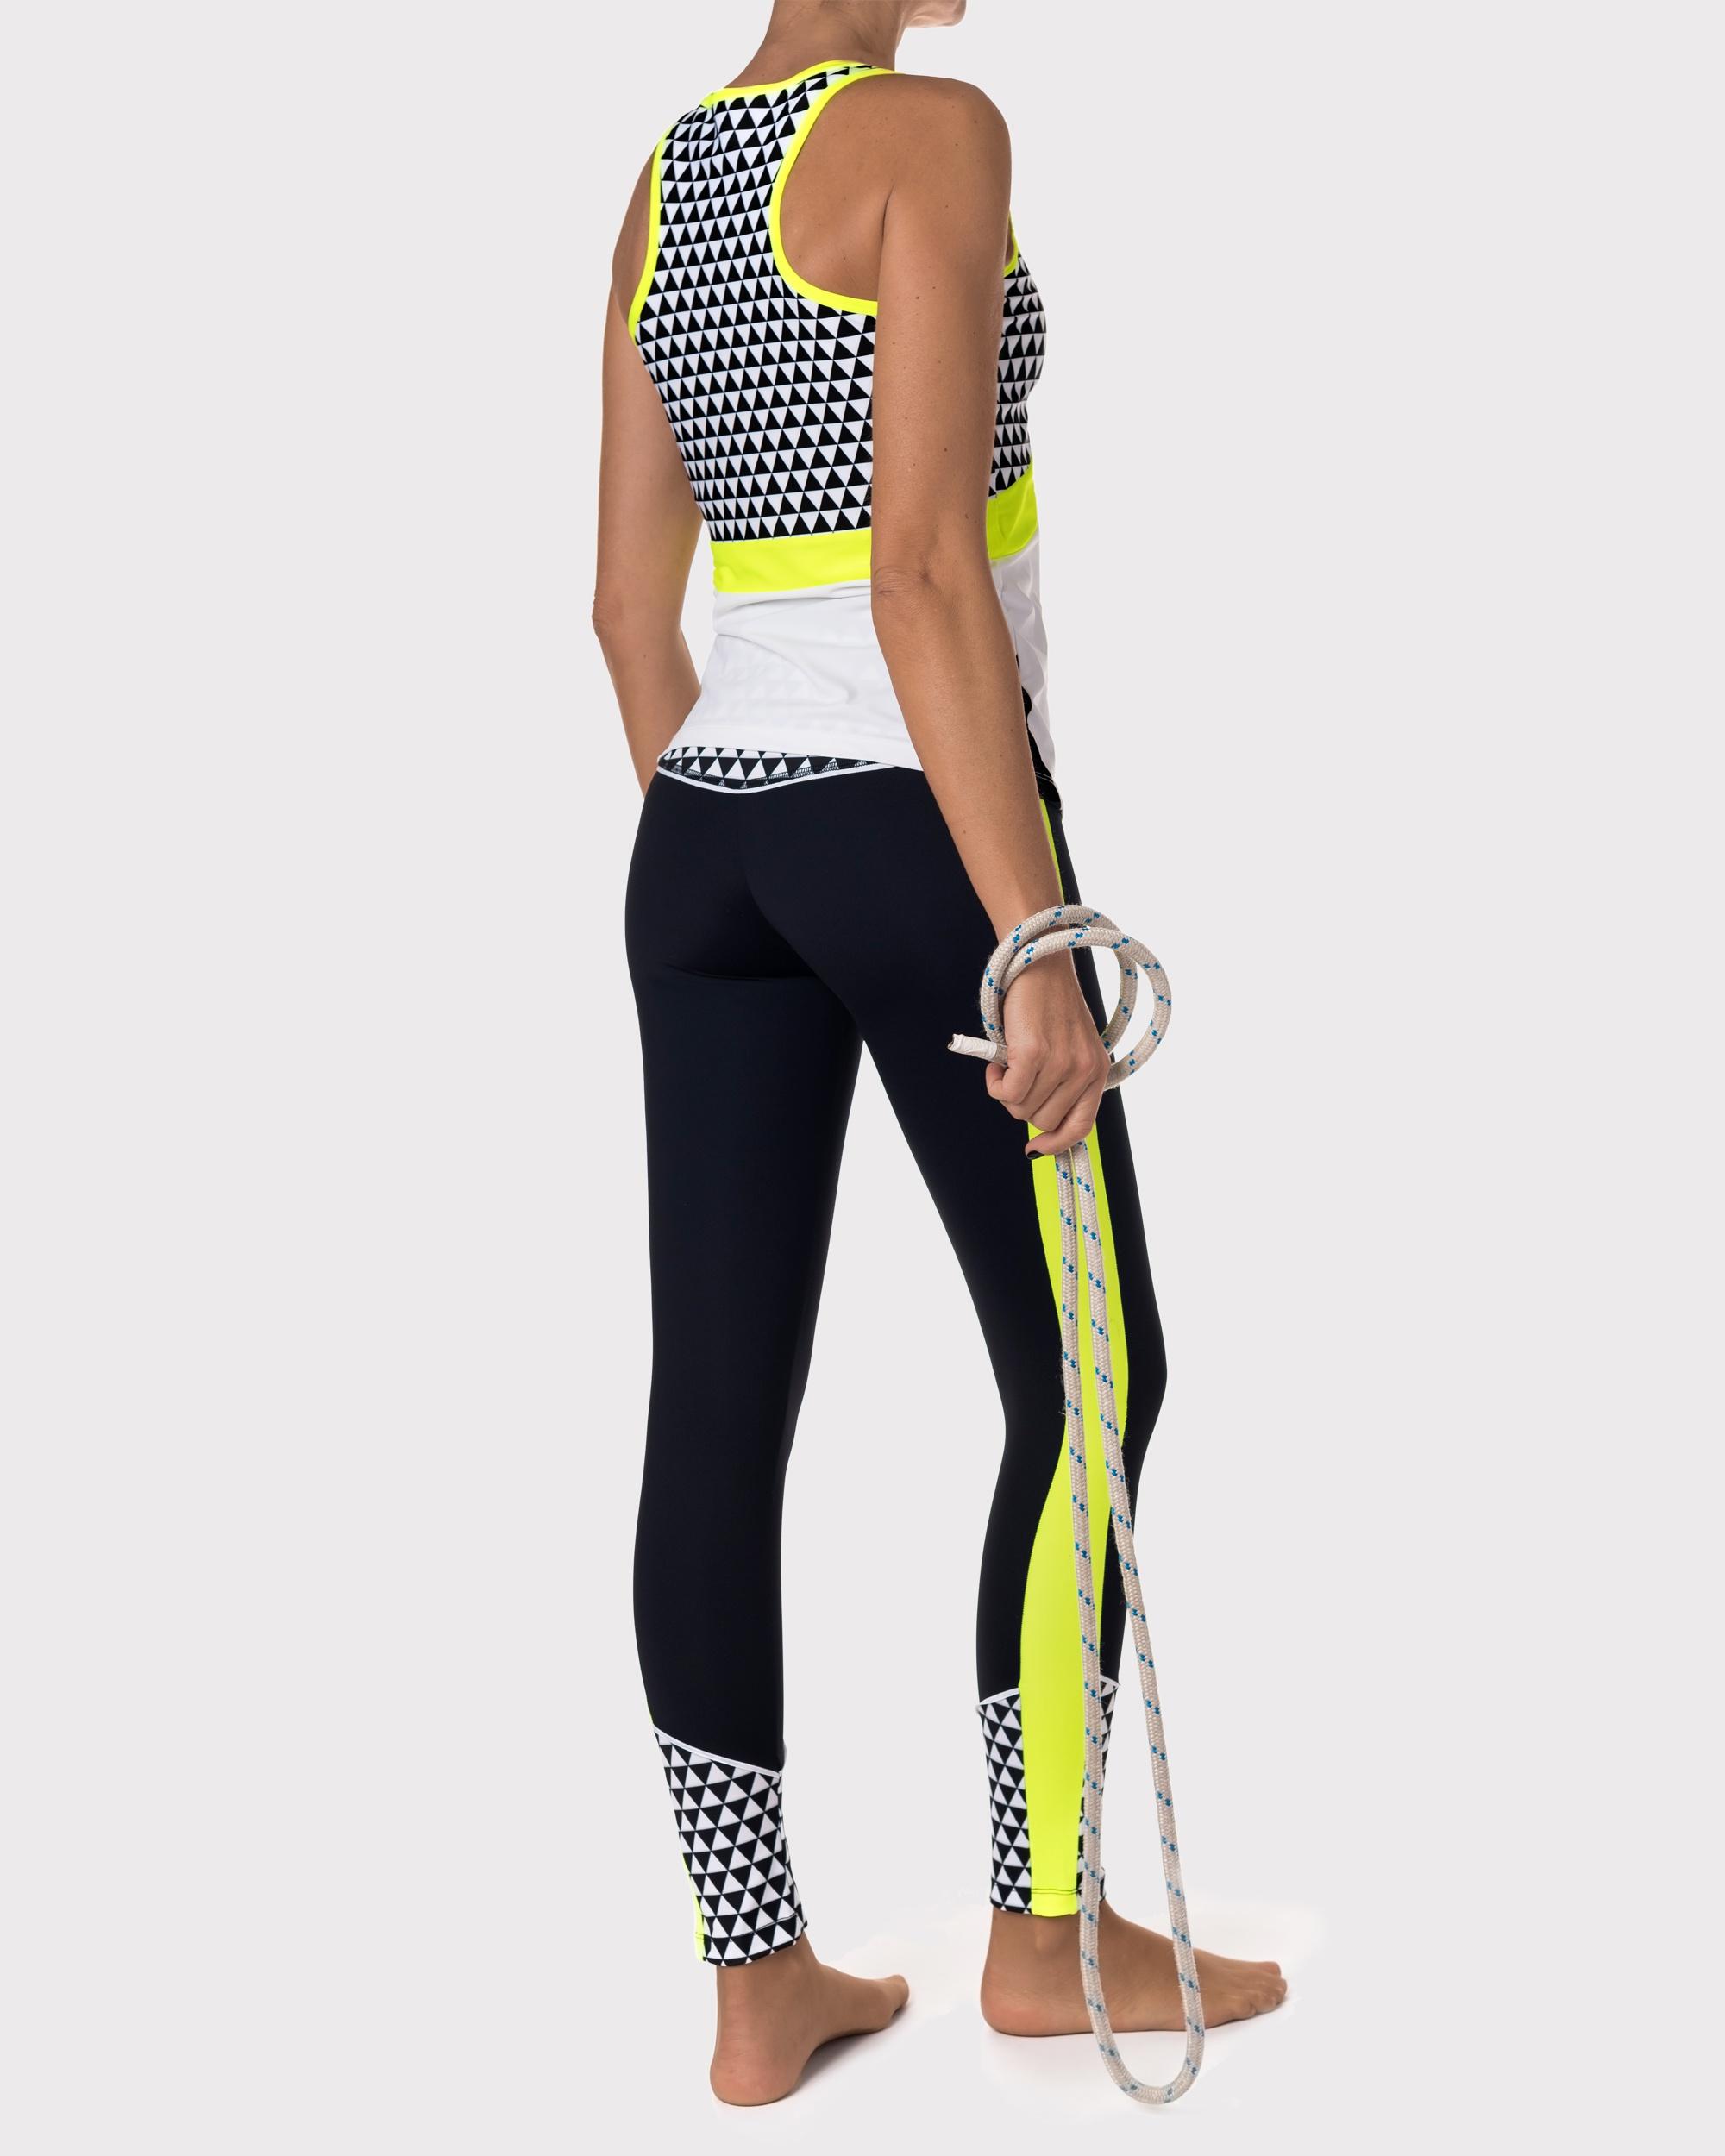 Camiseta Deportiva de m/áxima Calidad t/écnica protecci/ón UV Secado r/ápido Top de Deporte sin Mangas IDAWEN para Mujer